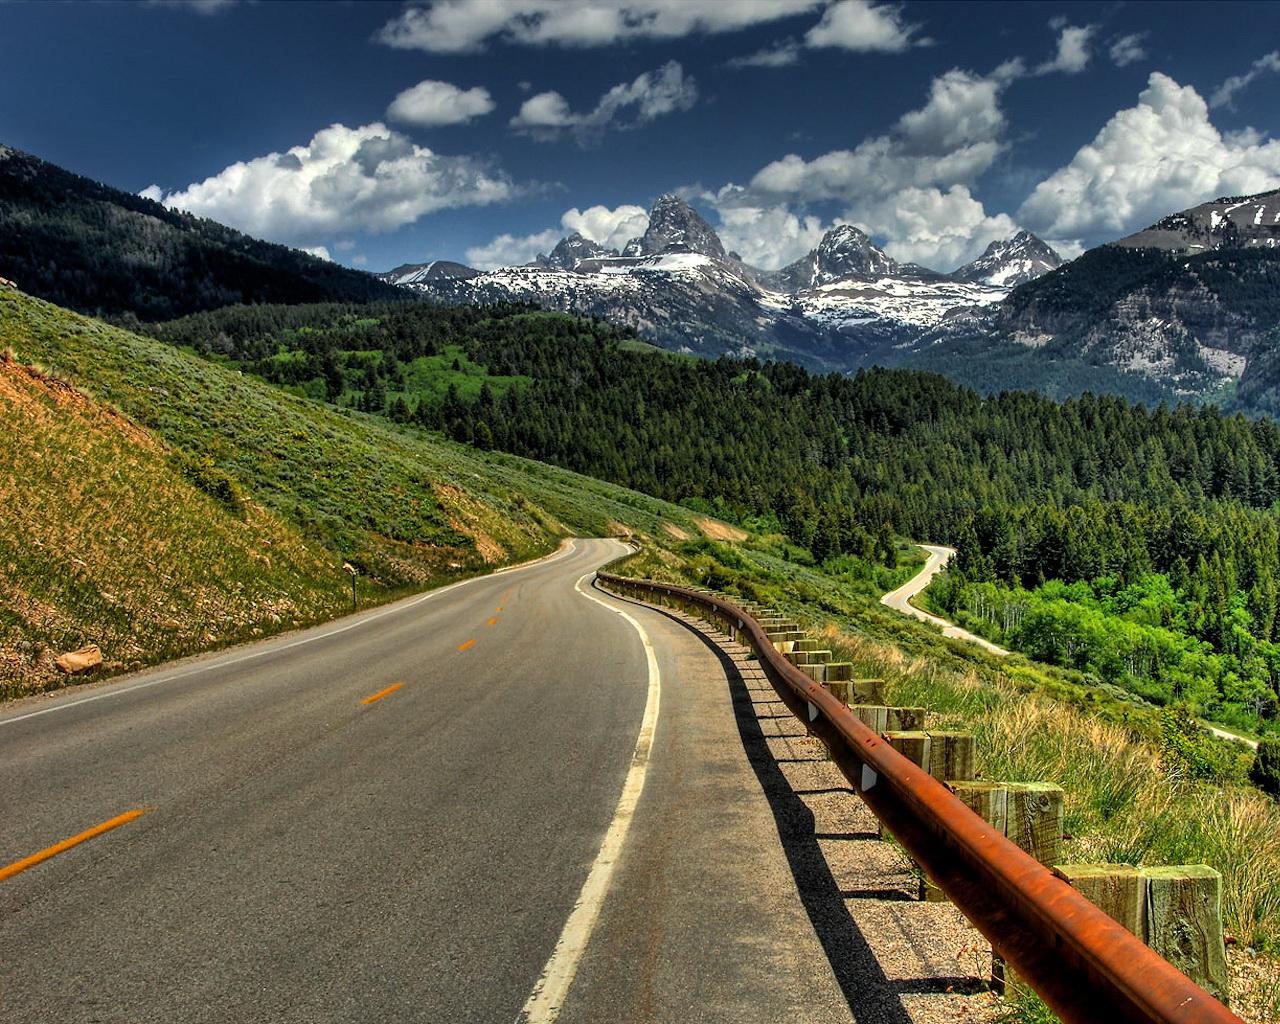 mountain road 37790 1280x1024px